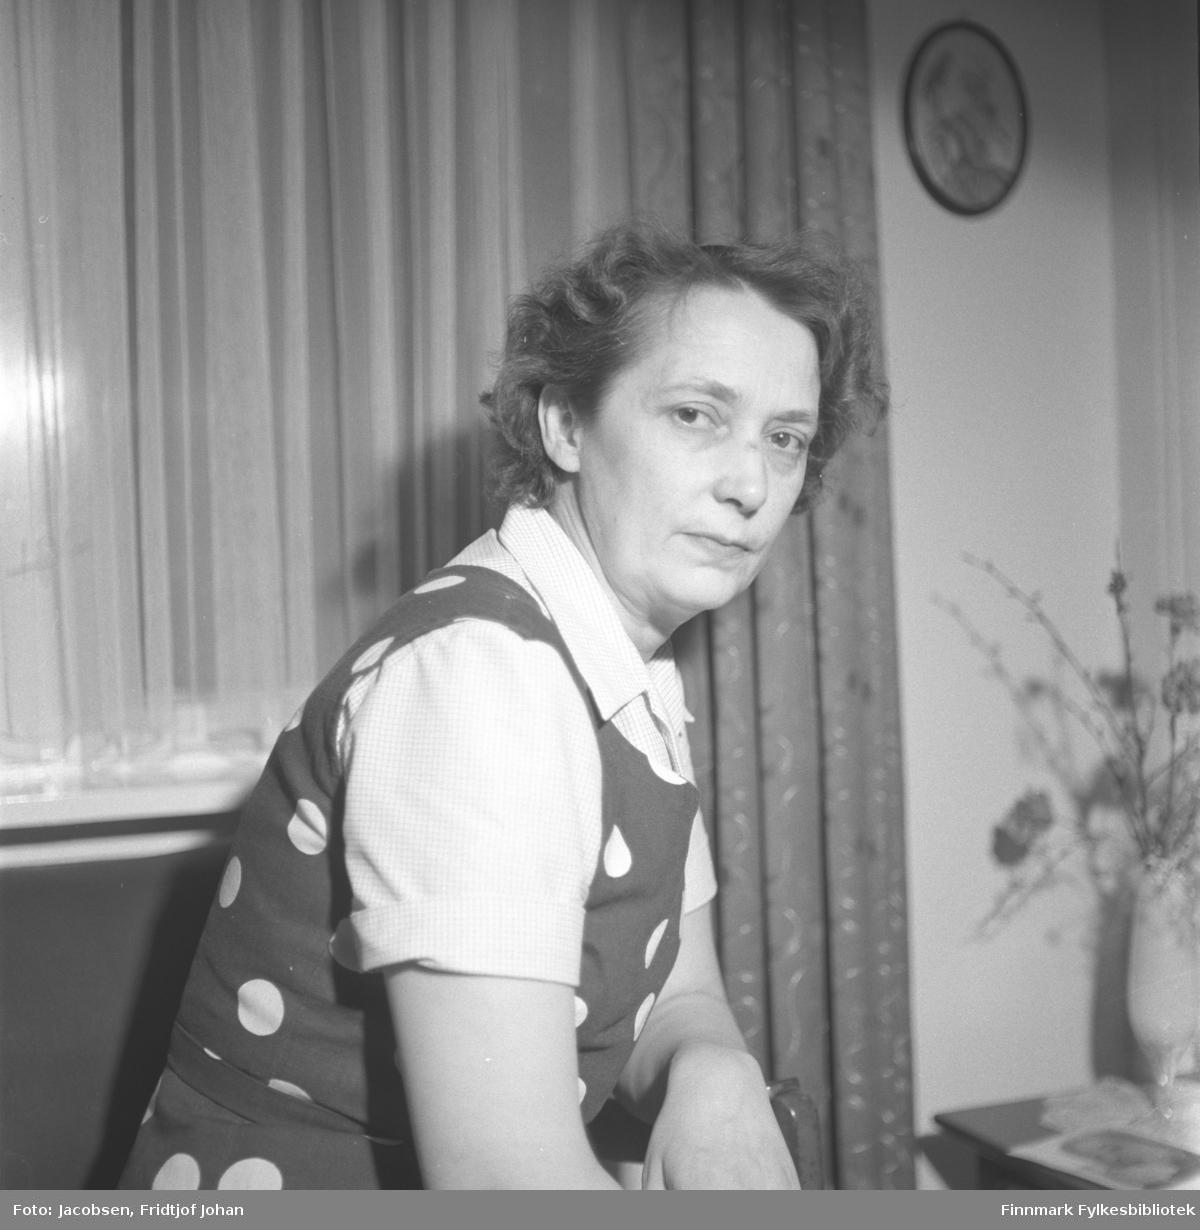 Aase Randi Jacobsen fotografert i en stue. Hun har en kortermet, lys bluse og en mørkere kjole eller et forkle med runde prikker. Gardiner henger foran vinduet bak henne og et fotografi i en avrund ramme henger på veggen oppe til høyre. Et lite bord står på gulvet nede til høyre. En vase med noen blomster i står oppå.